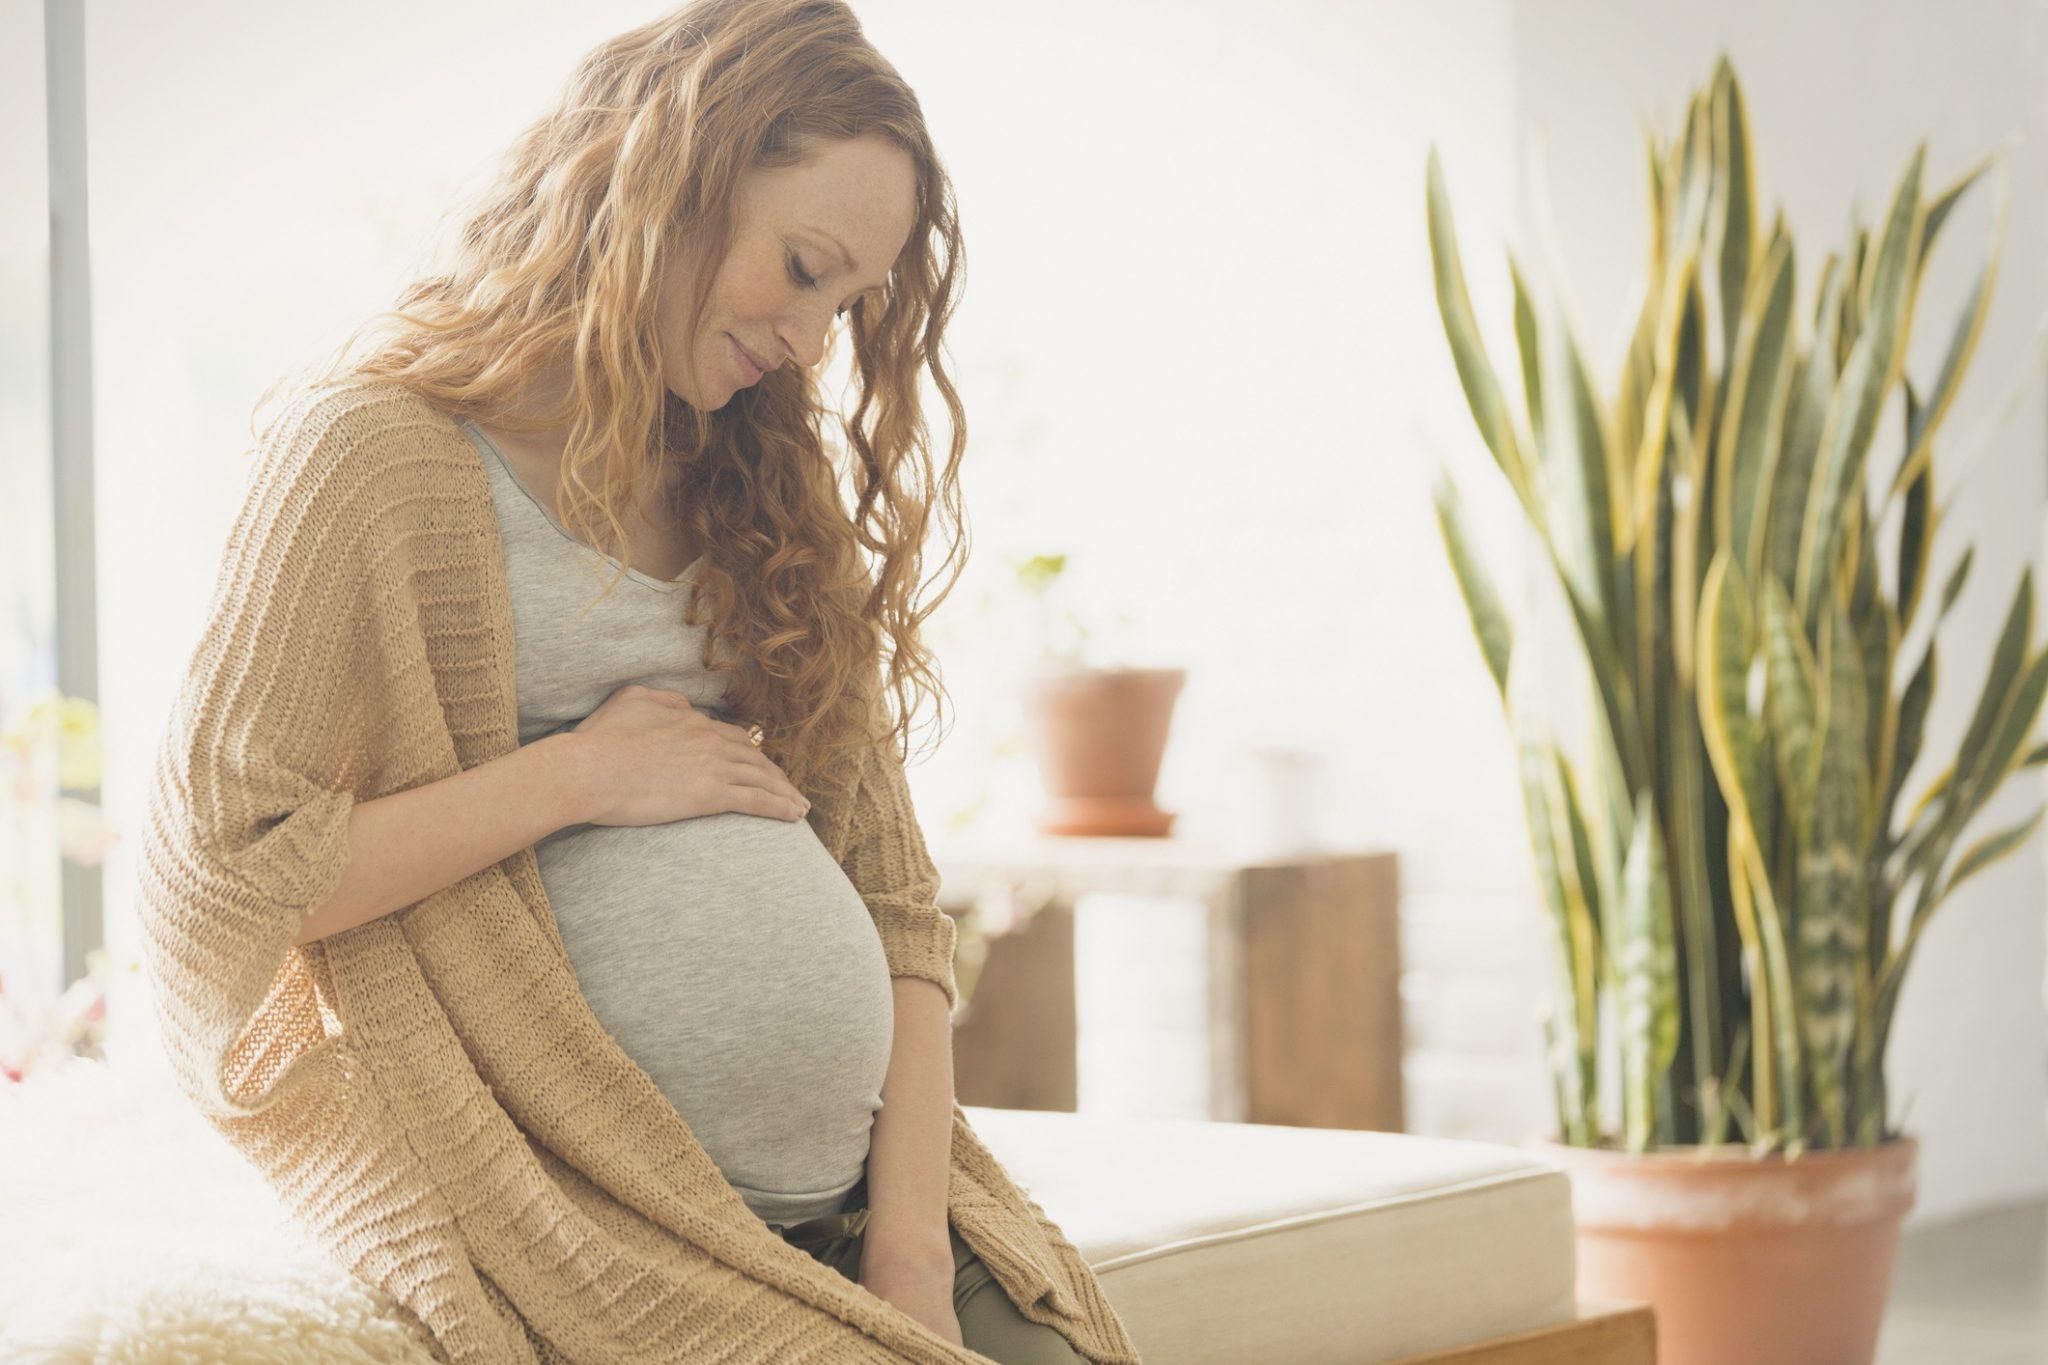 Новая выплата беременным женщинам в размере 20 тысяч рублей